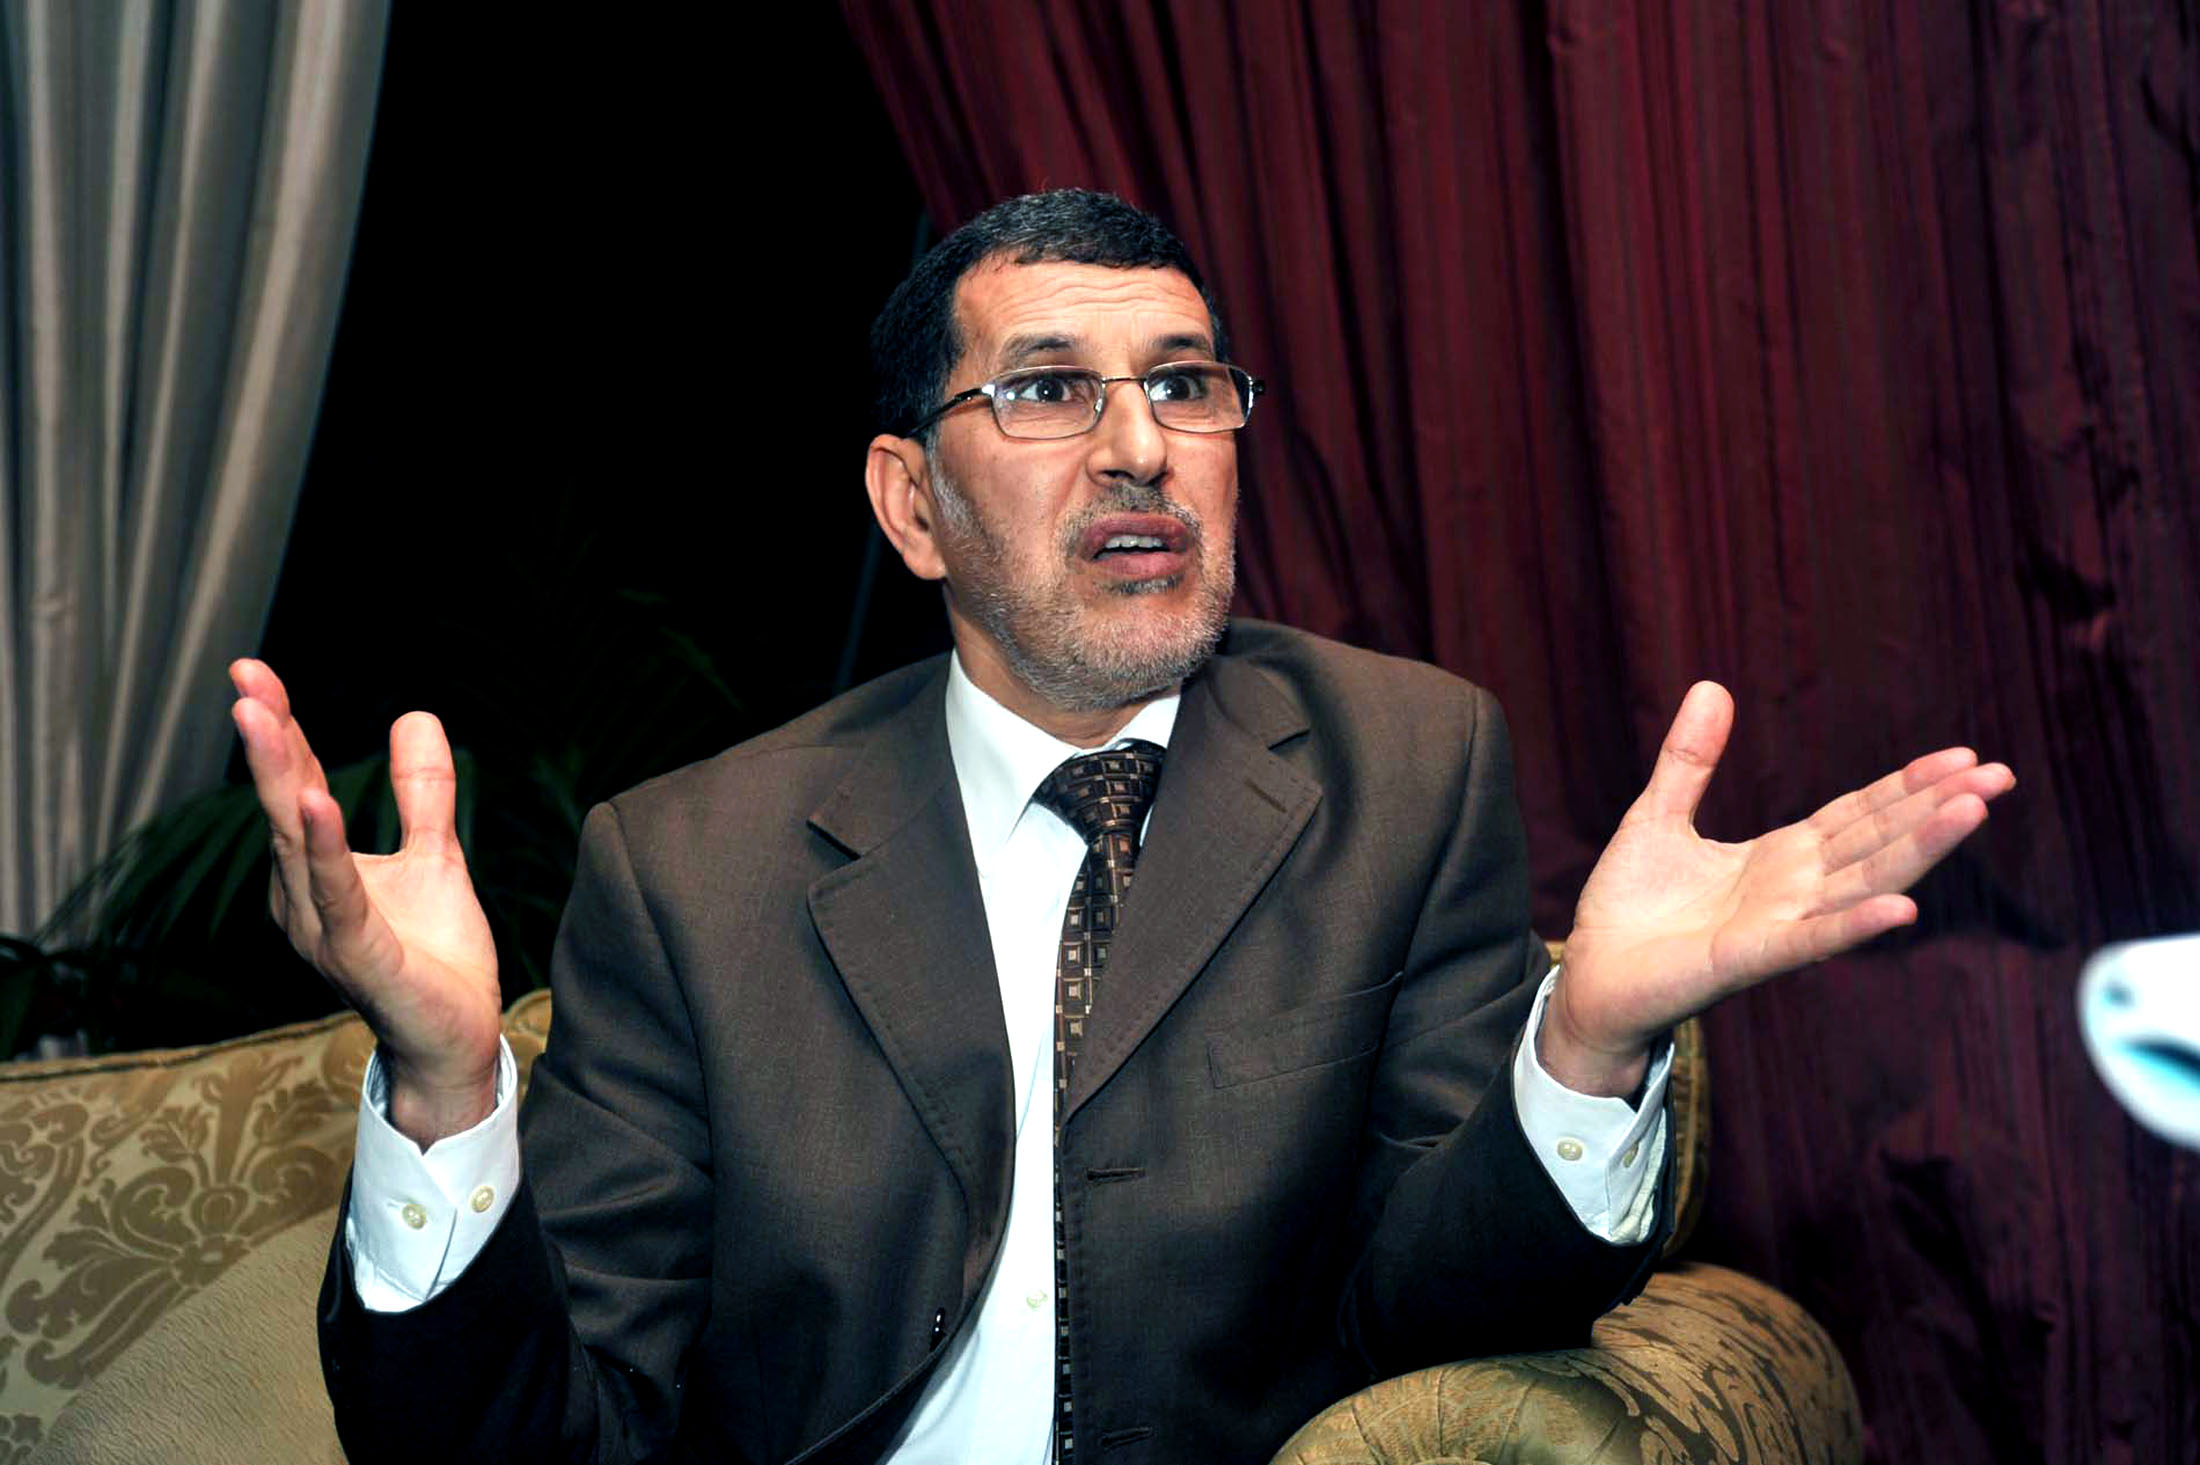 المقاطعة.. العثماني يعتذر عن العبارات المسيئة للشعب